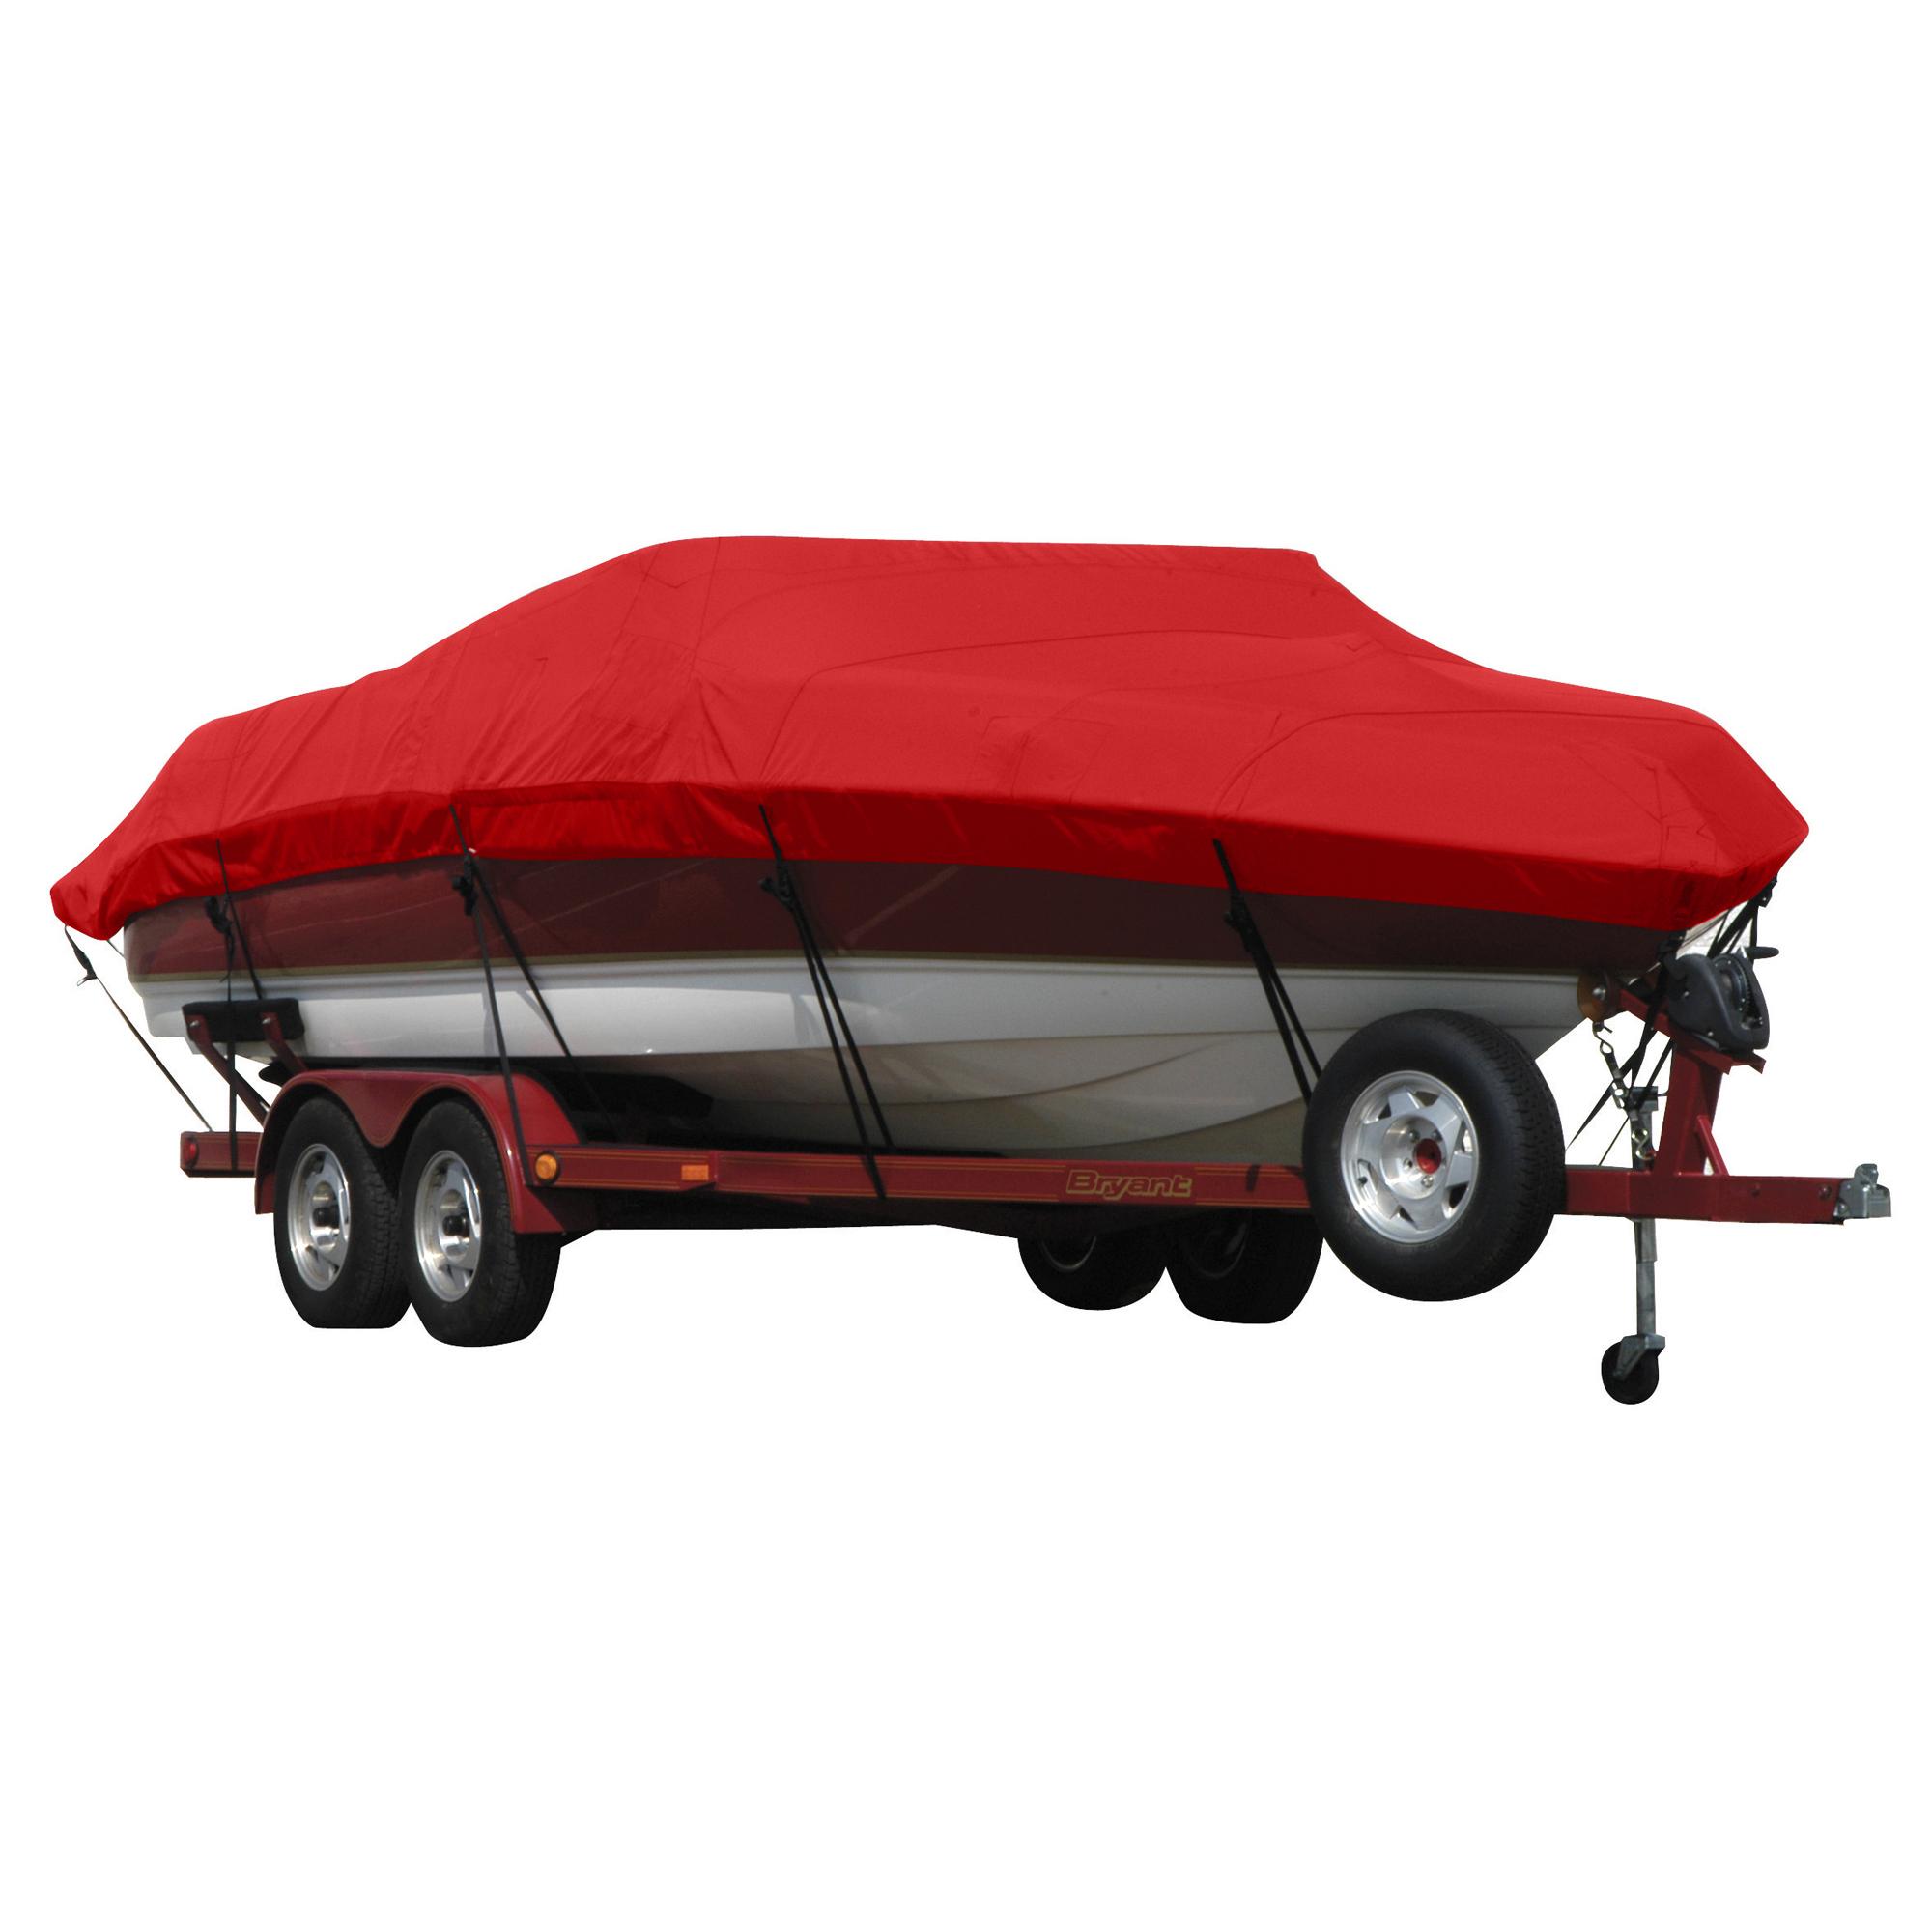 Exact Fit Covermate Sunbrella Boat Cover for Princecraft Super Pro 176 Super Pro 176 Fish N Promenade W/Ski Rope Guard O/B. Jockey Red